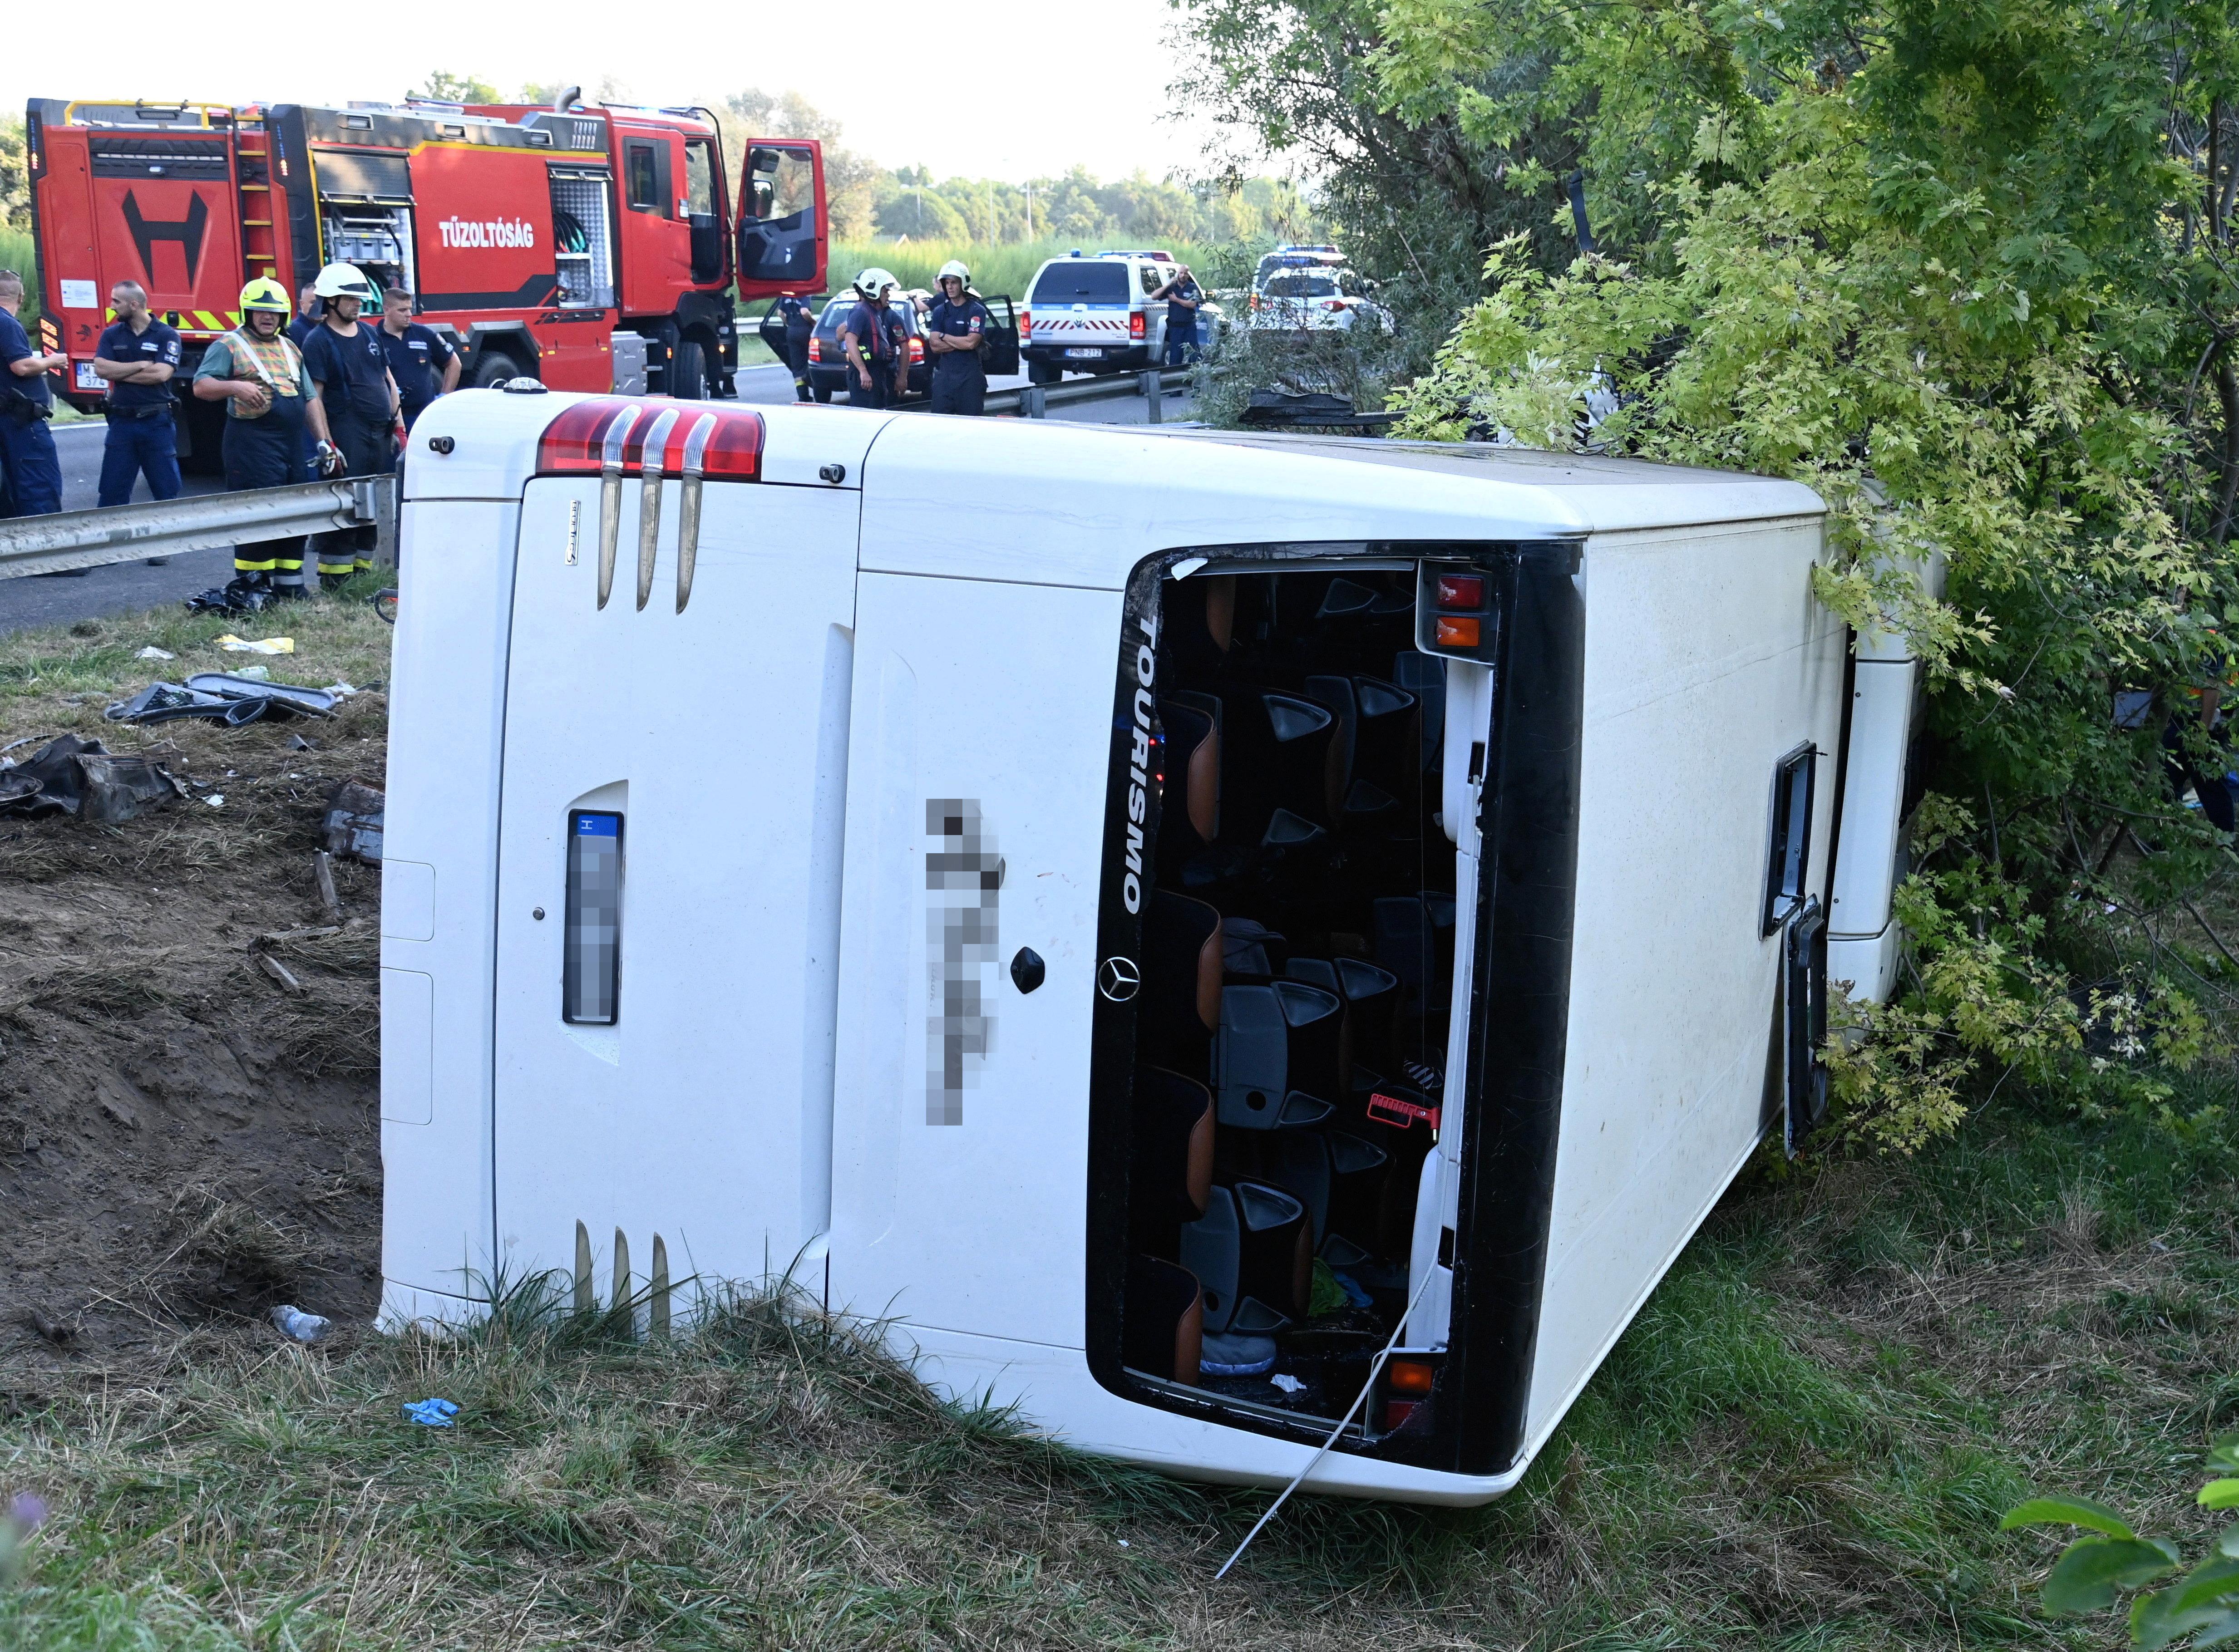 Horvátországban nyaraló magyar turistákat szállított a busz, ami balesetet szenvedett az M7-esen